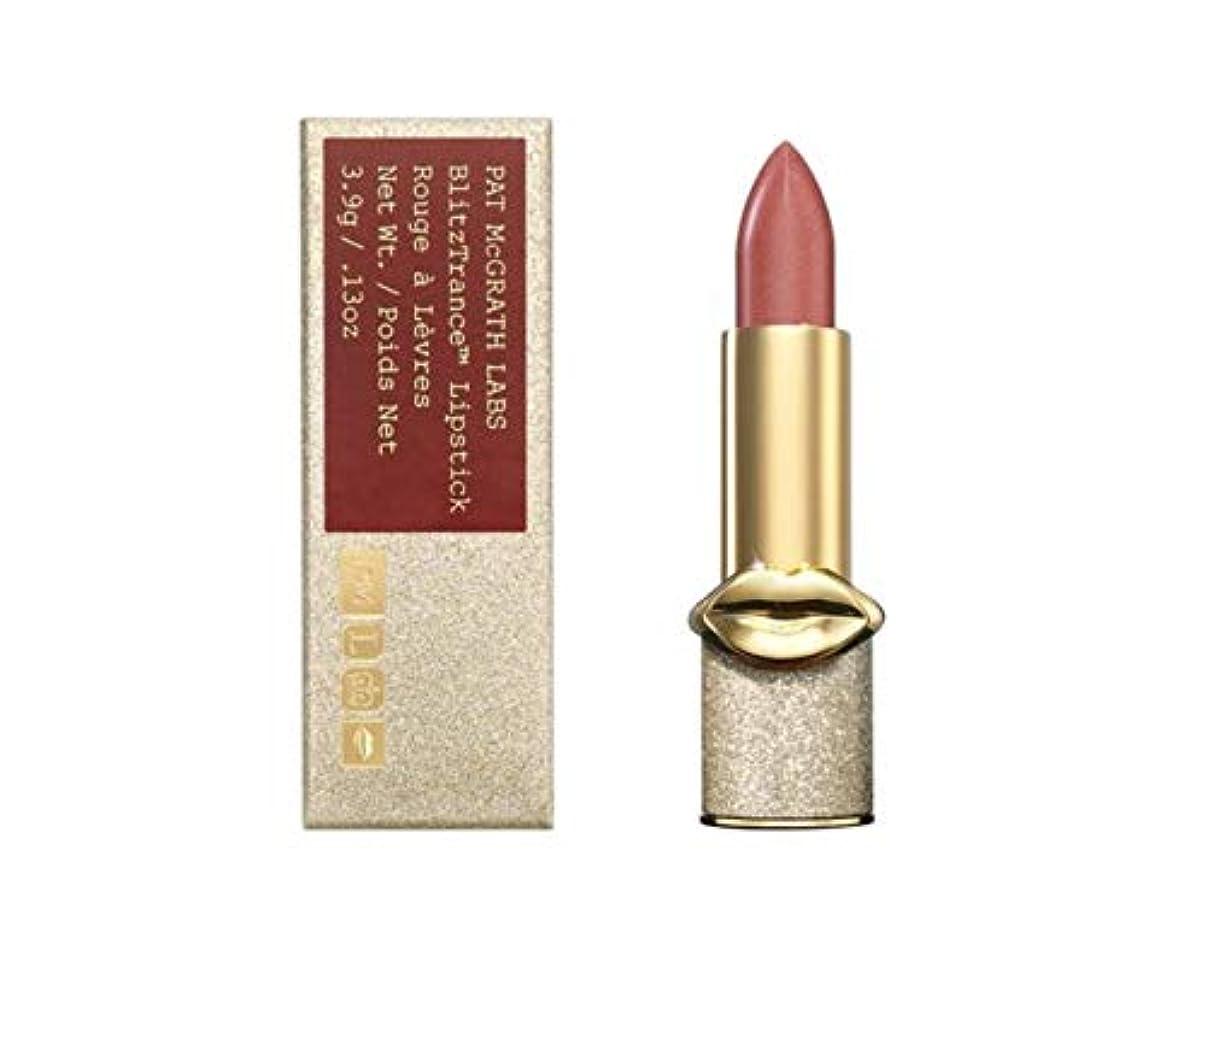 約束するブレイズしないでくださいPAT MCGRATH LABS BlitzTrance™ Lipstick (Skin Flixx)